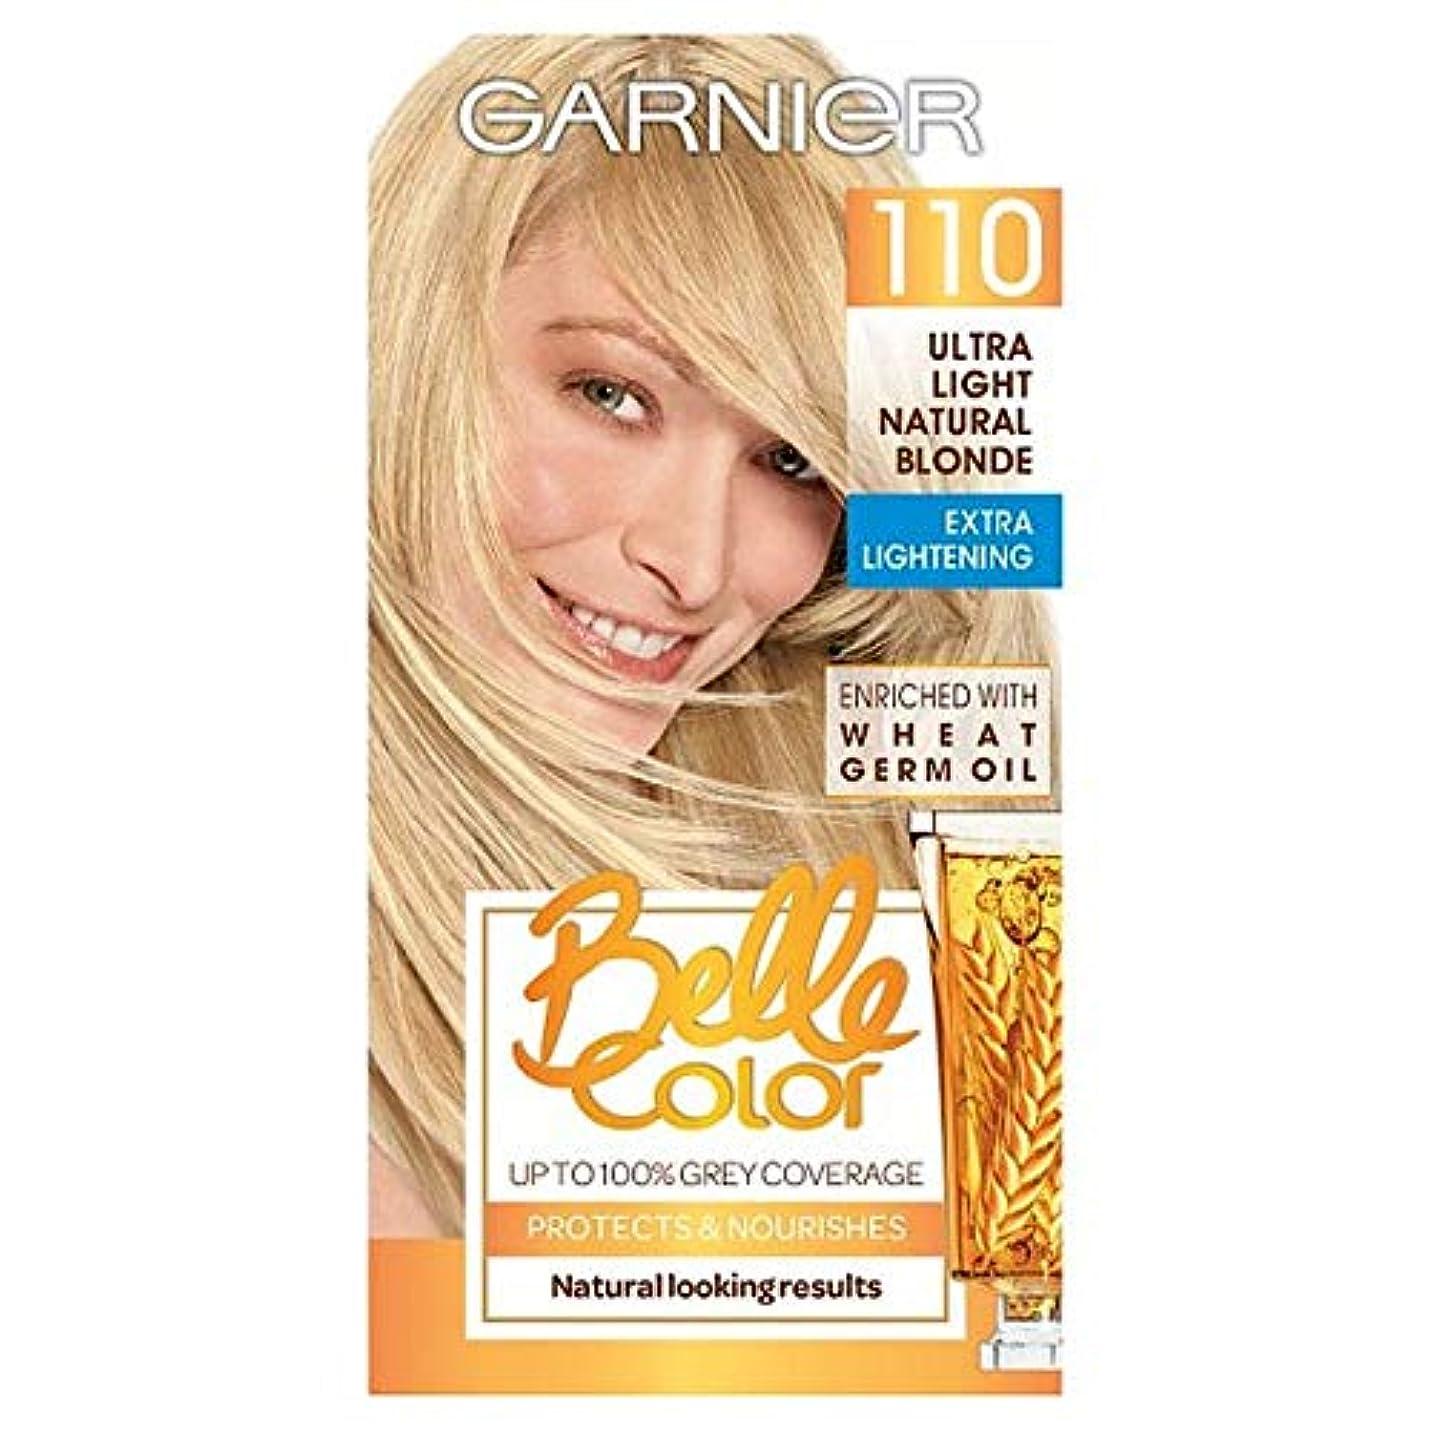 必需品投票フロント[Belle Color ] ガーン/ベル/Clr 110超軽量天然ブロンドパーマネント毛髪染料 - Garn/Bel/Clr 110 Ultra Light Natural Blonde Permanent Hair...